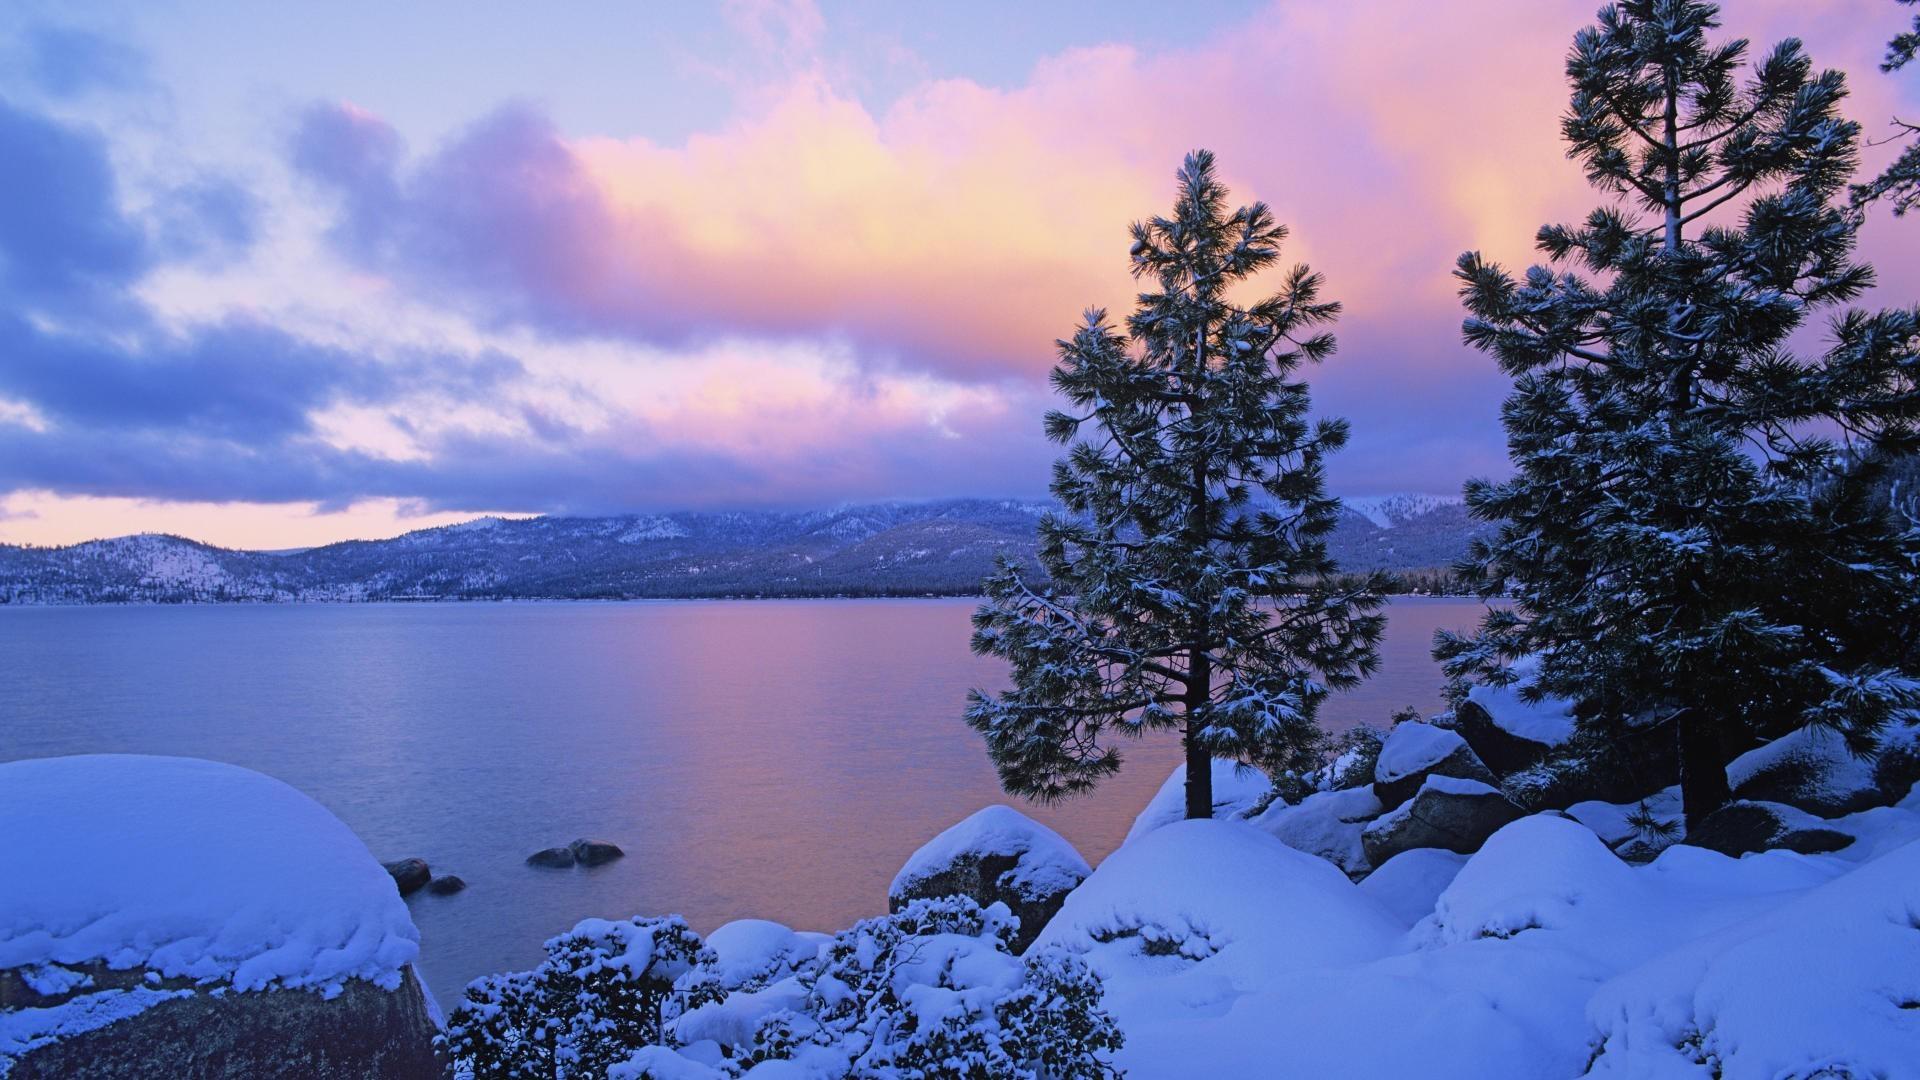 High Resolution Wallpaper Winter: Winter Wallpaper HD (68+ Images